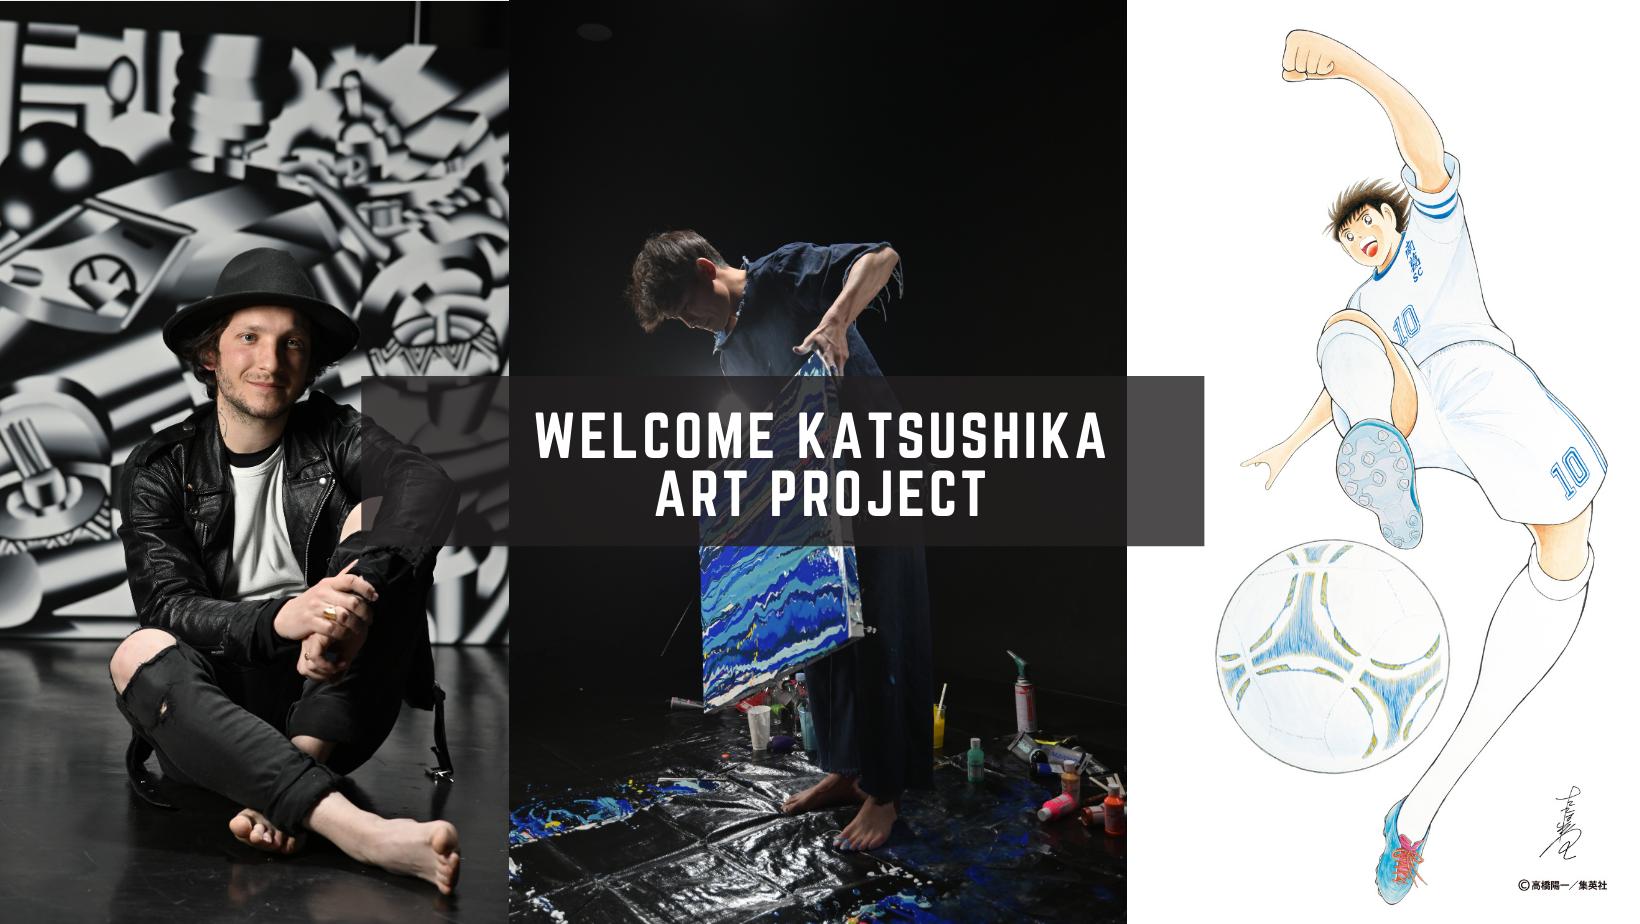 アートを活用した東京・葛飾区活性のプロジェクトクラウドファンディング開始 (3)